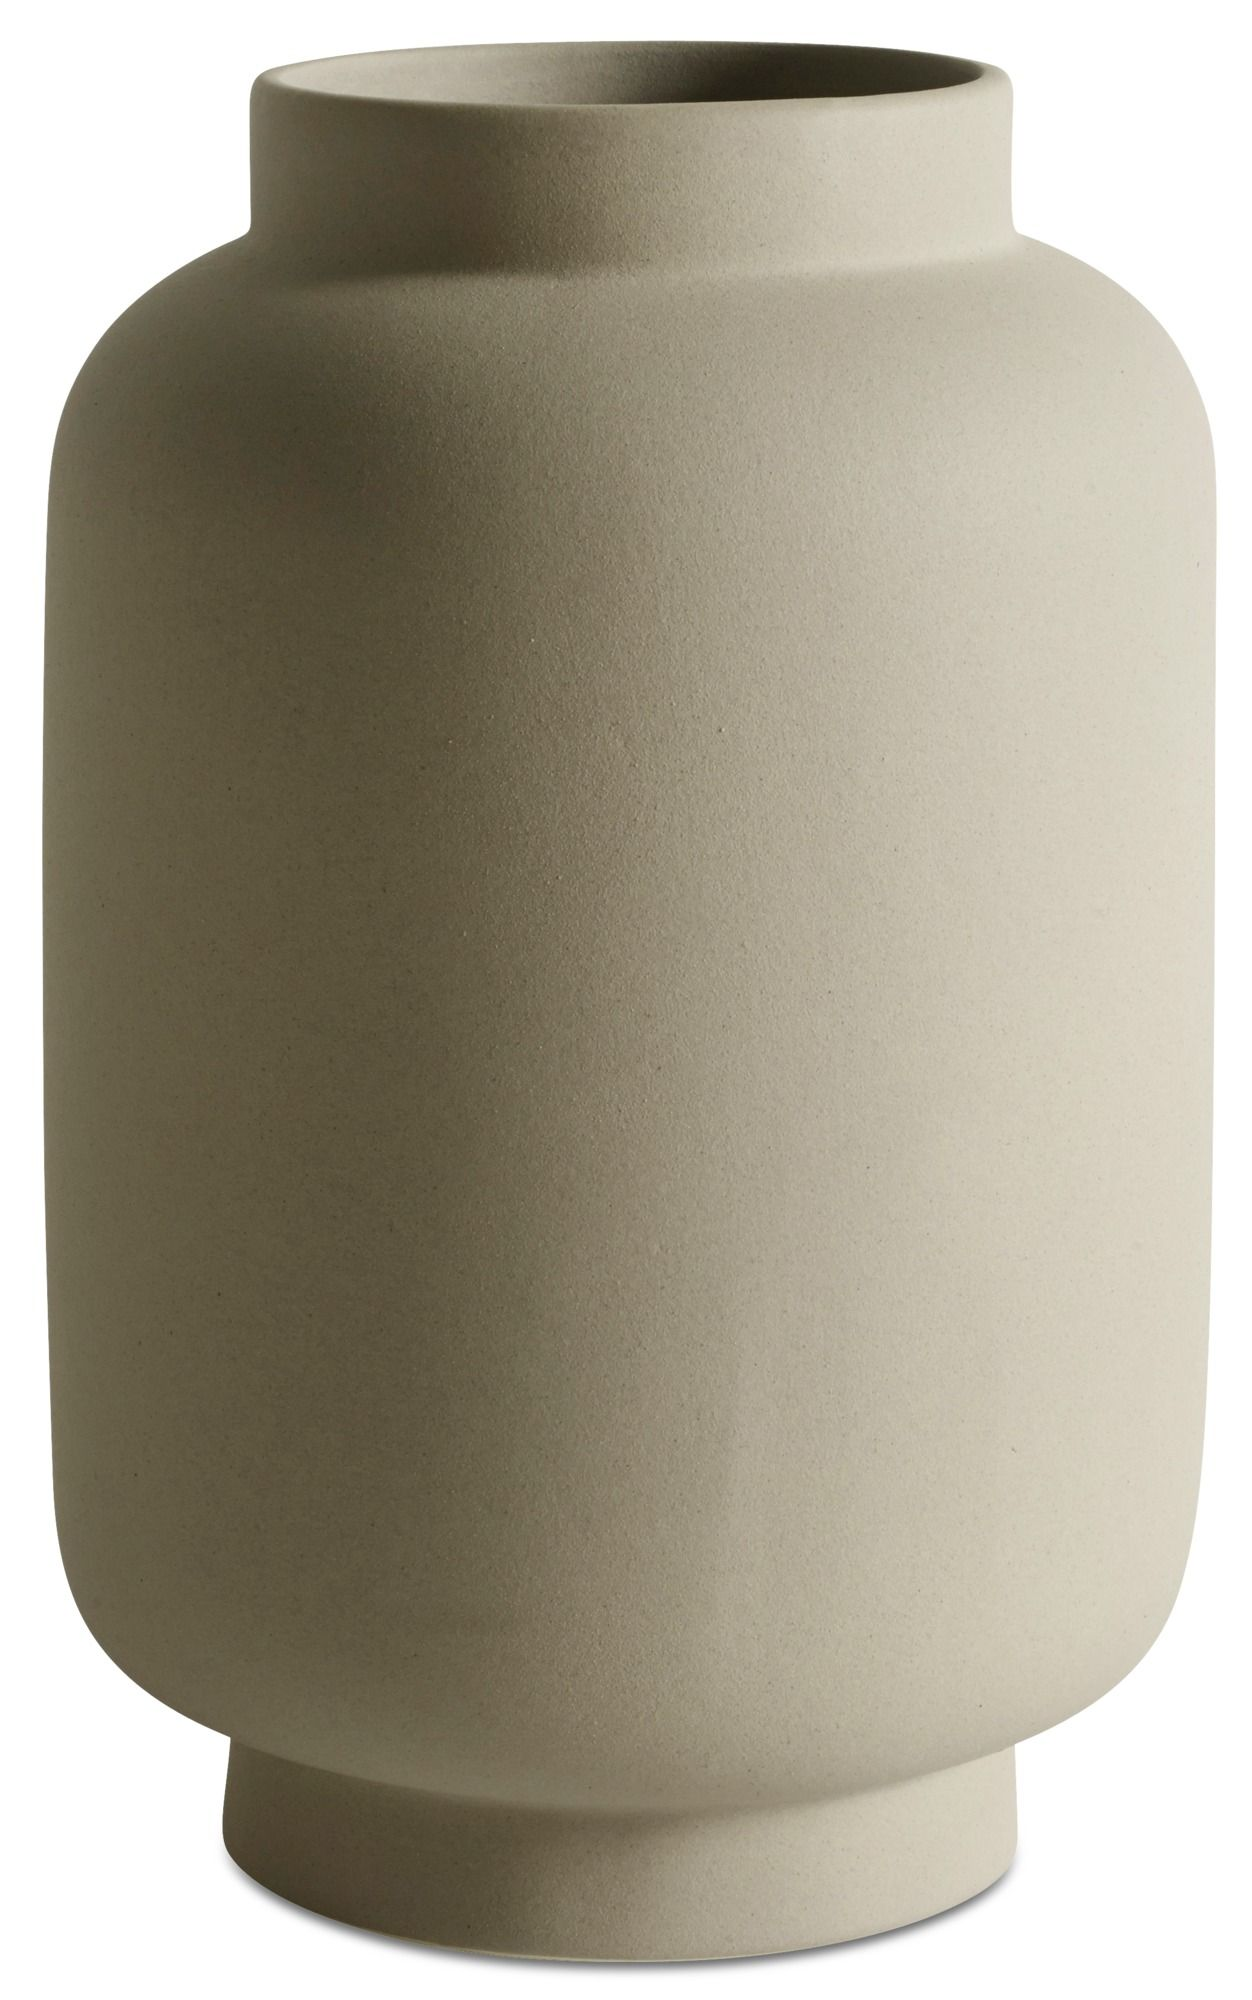 modern vases  contemporary vases  boconcept  accessories  - nye accessories til hjemmet  design fra boconcept contemporary vasesmodern